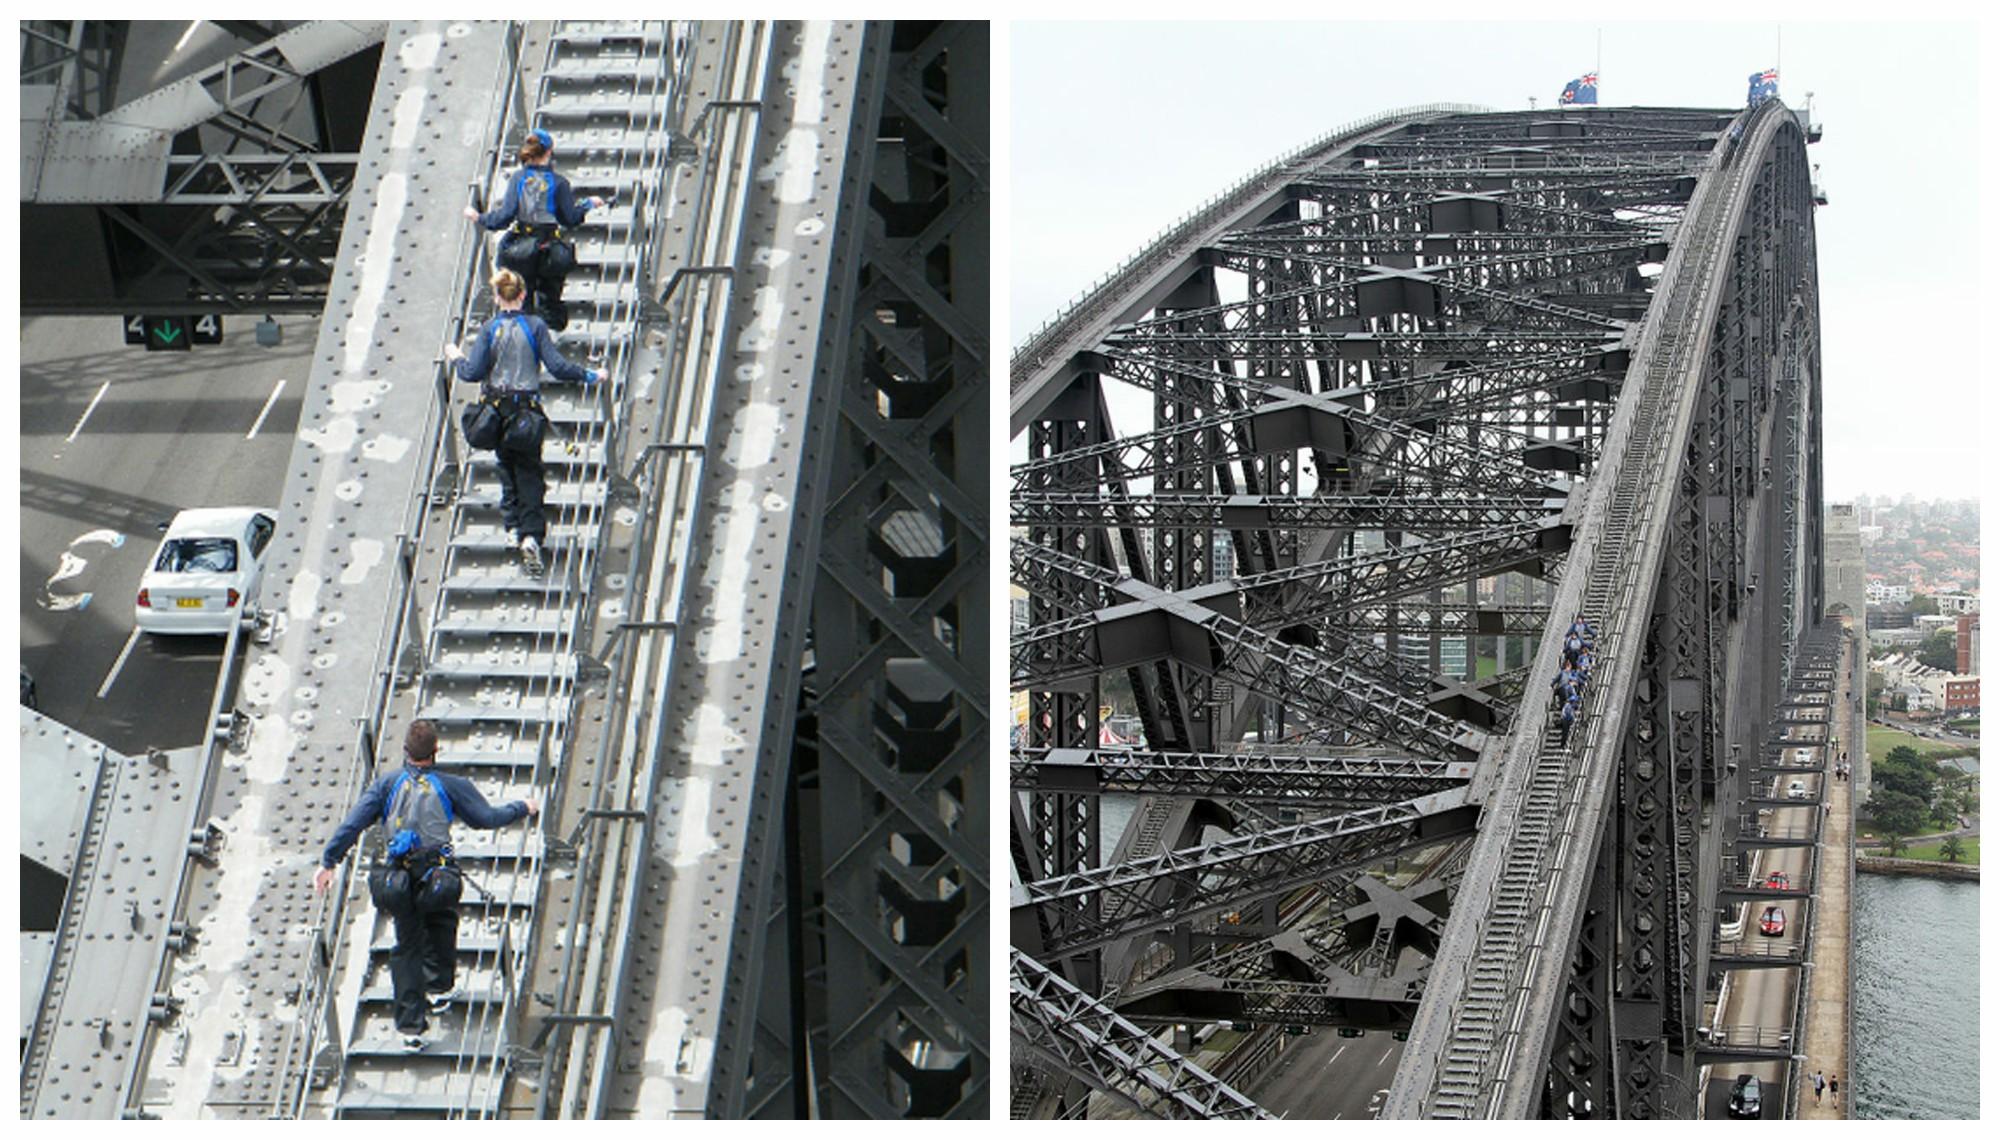 Atrakcją mostu Sydney Harbour Bridge jest możliwość wspinaczki po łuku głównym przęsła po specjalnie przygotowanych do tego celu schodach (fot. Wikipedia)